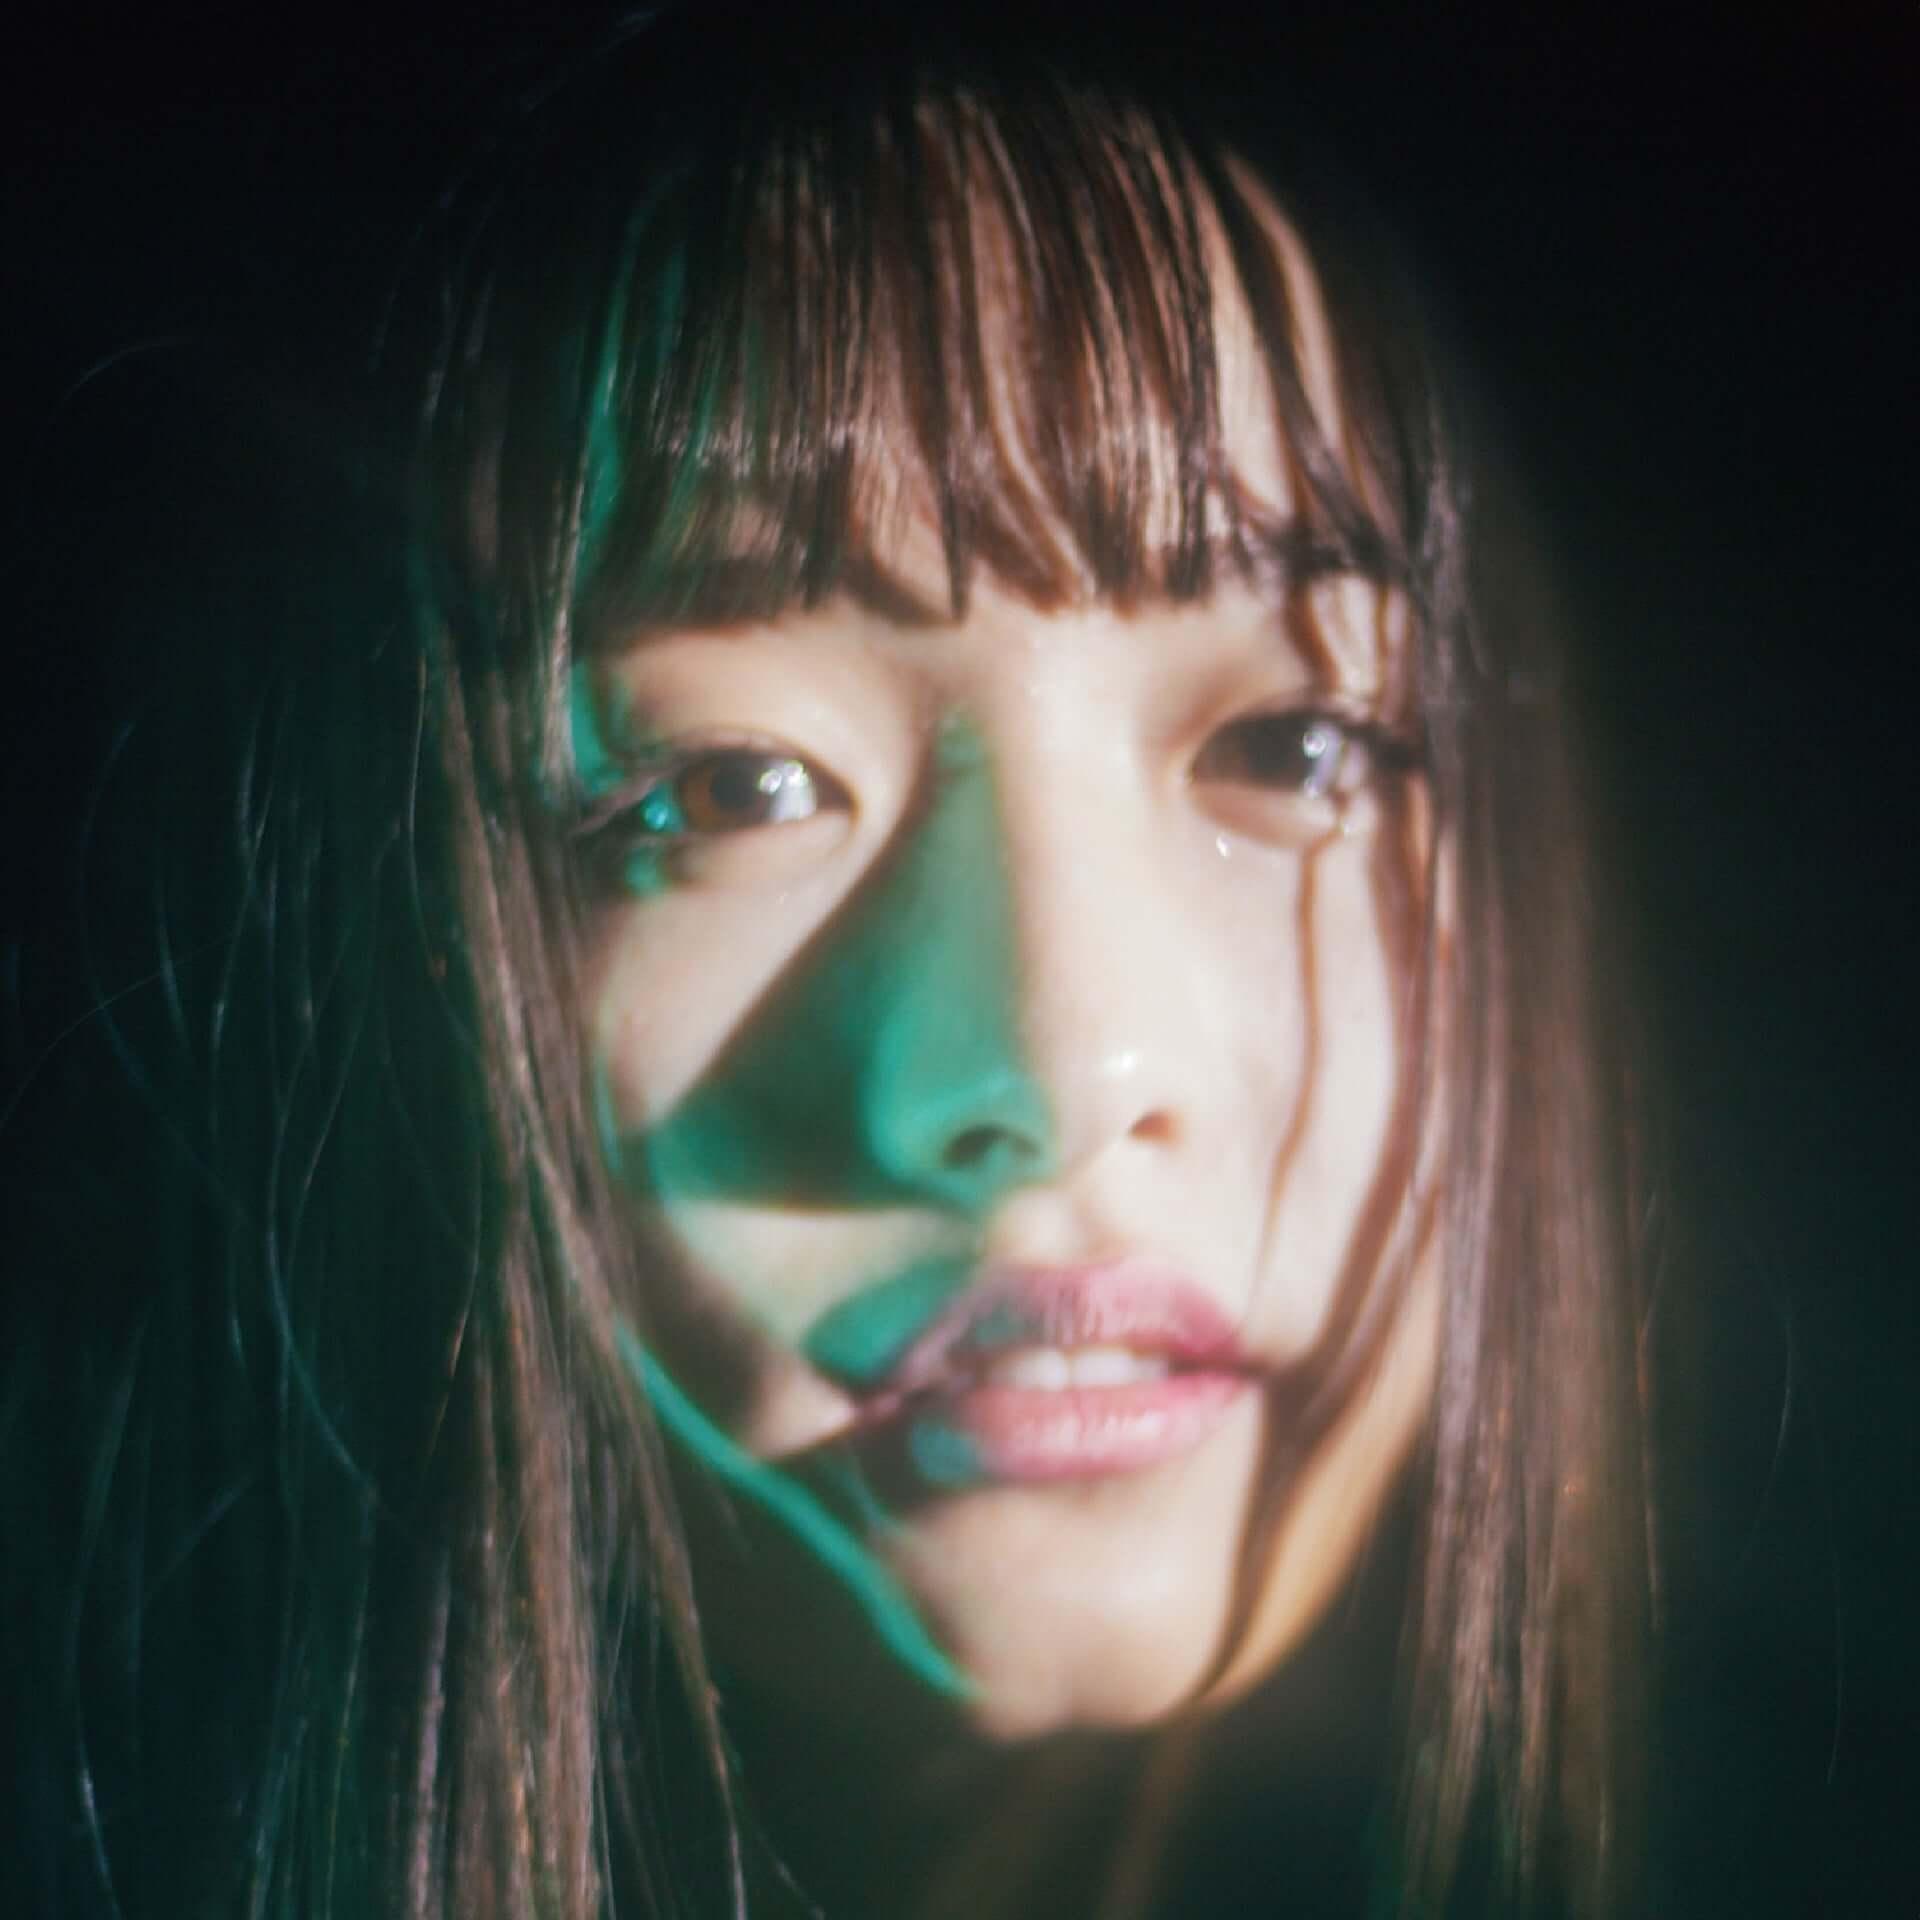 内田珠鈴、自身初の写真展<光の中を泳ぐ>を開催|新作EP『光の中を泳ぐ』リリースイベントにて実施 music190712_uchidashuri_event_main-1920x1920